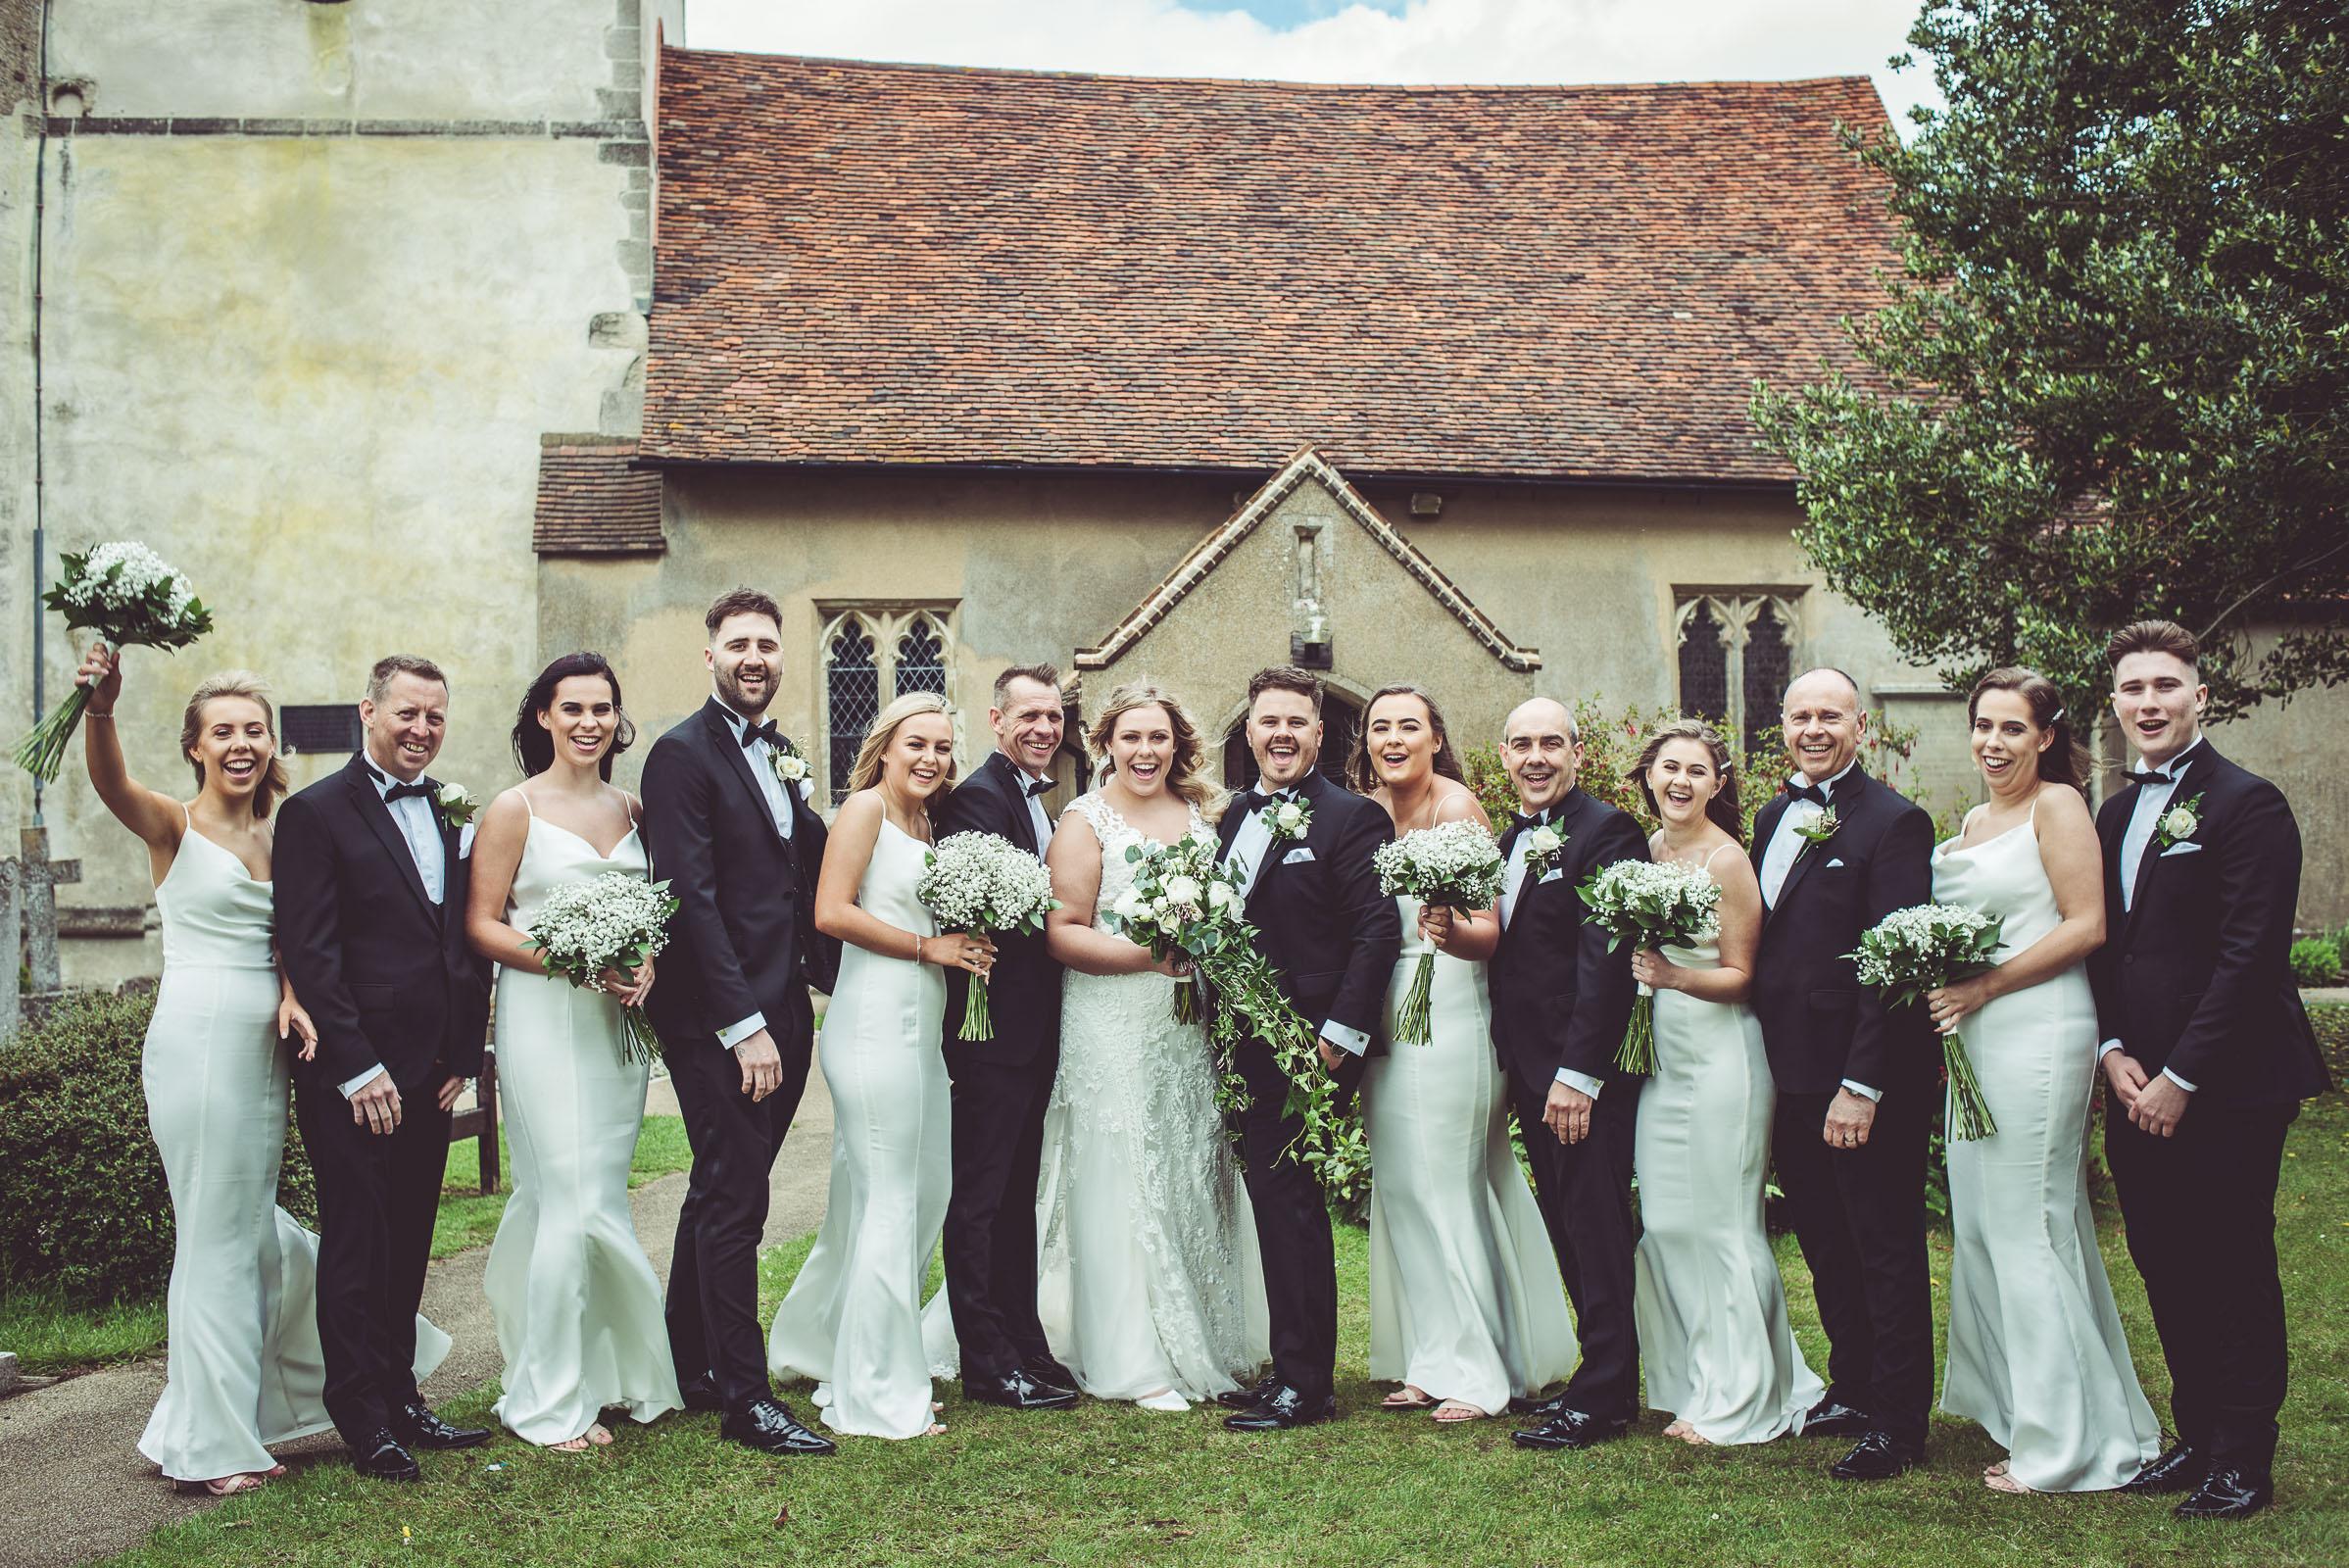 Lutonhoo-wedding-Bedfordshire-Datchworth-Tewinburyfarm-53.jpg